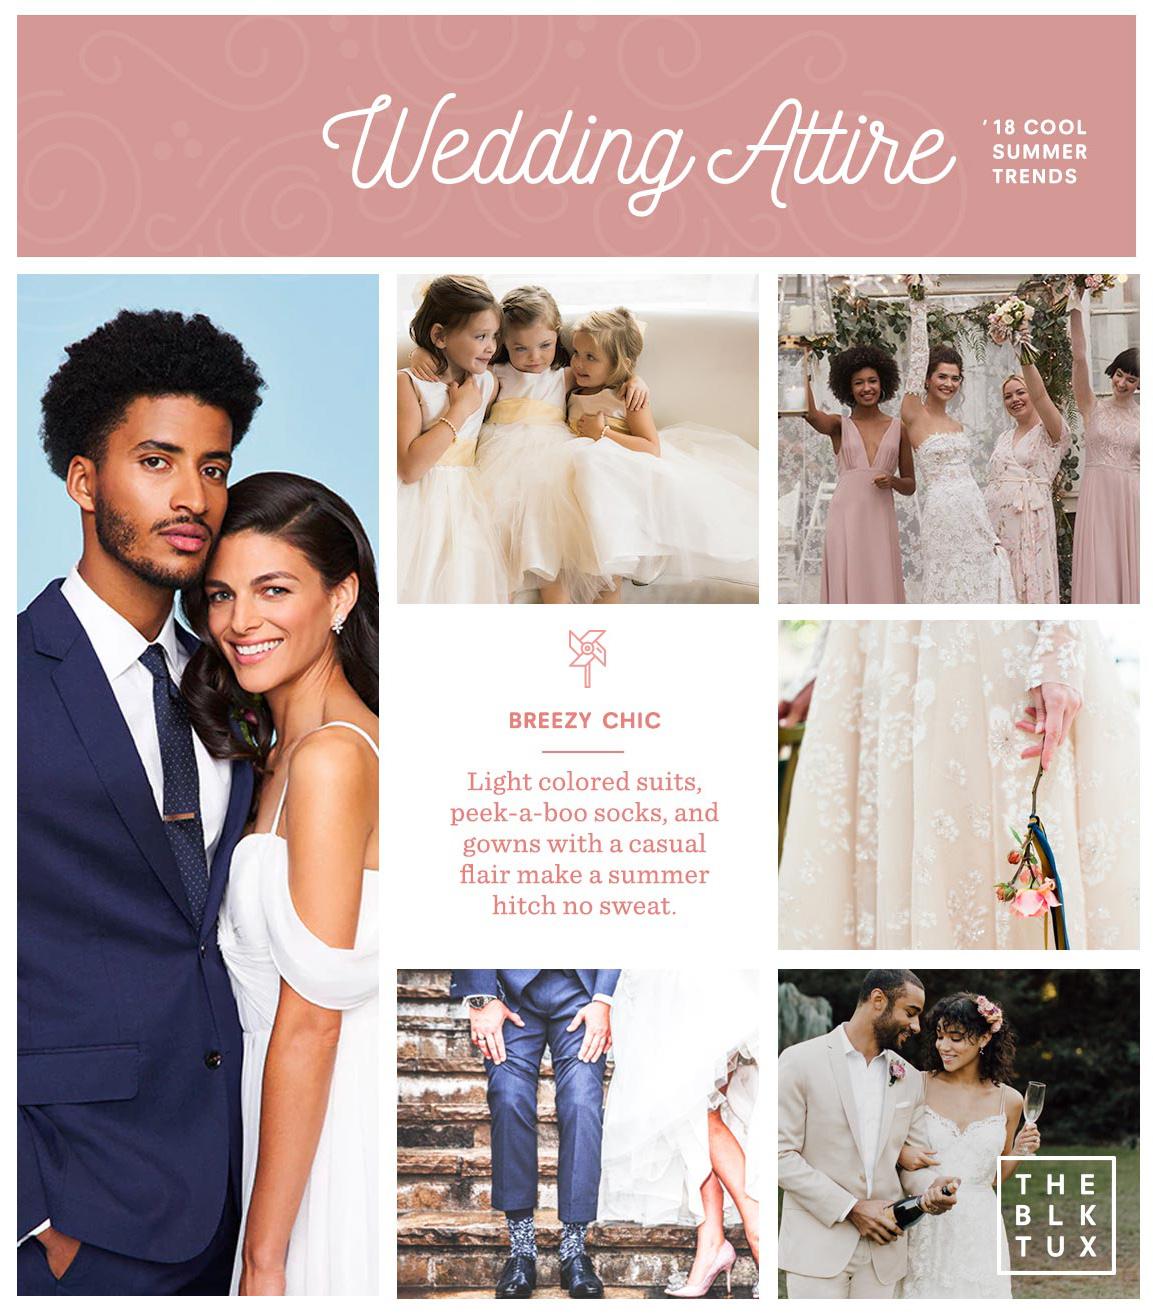 Blacktrux_weddingtrends_attire_v02.jpg